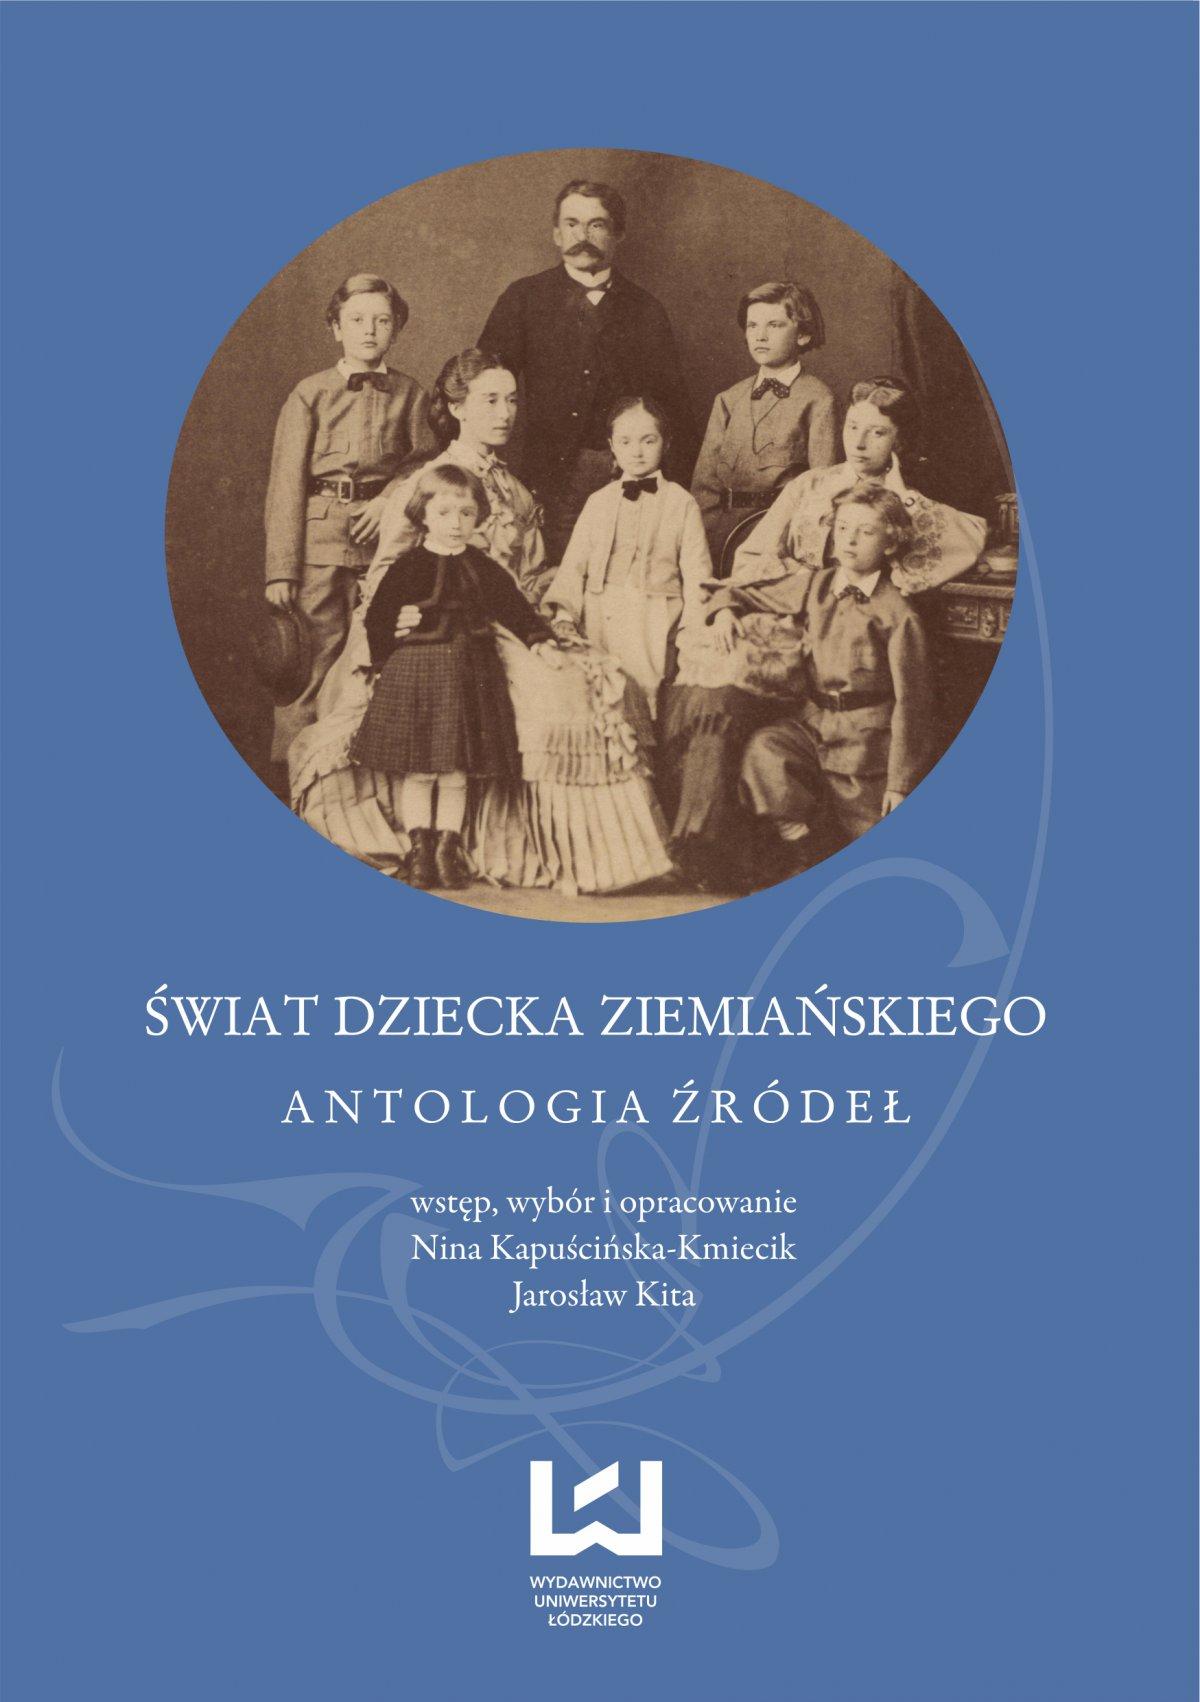 Świat dziecka ziemiańskiego. Antologia źródeł - Ebook (Książka PDF) do pobrania w formacie PDF